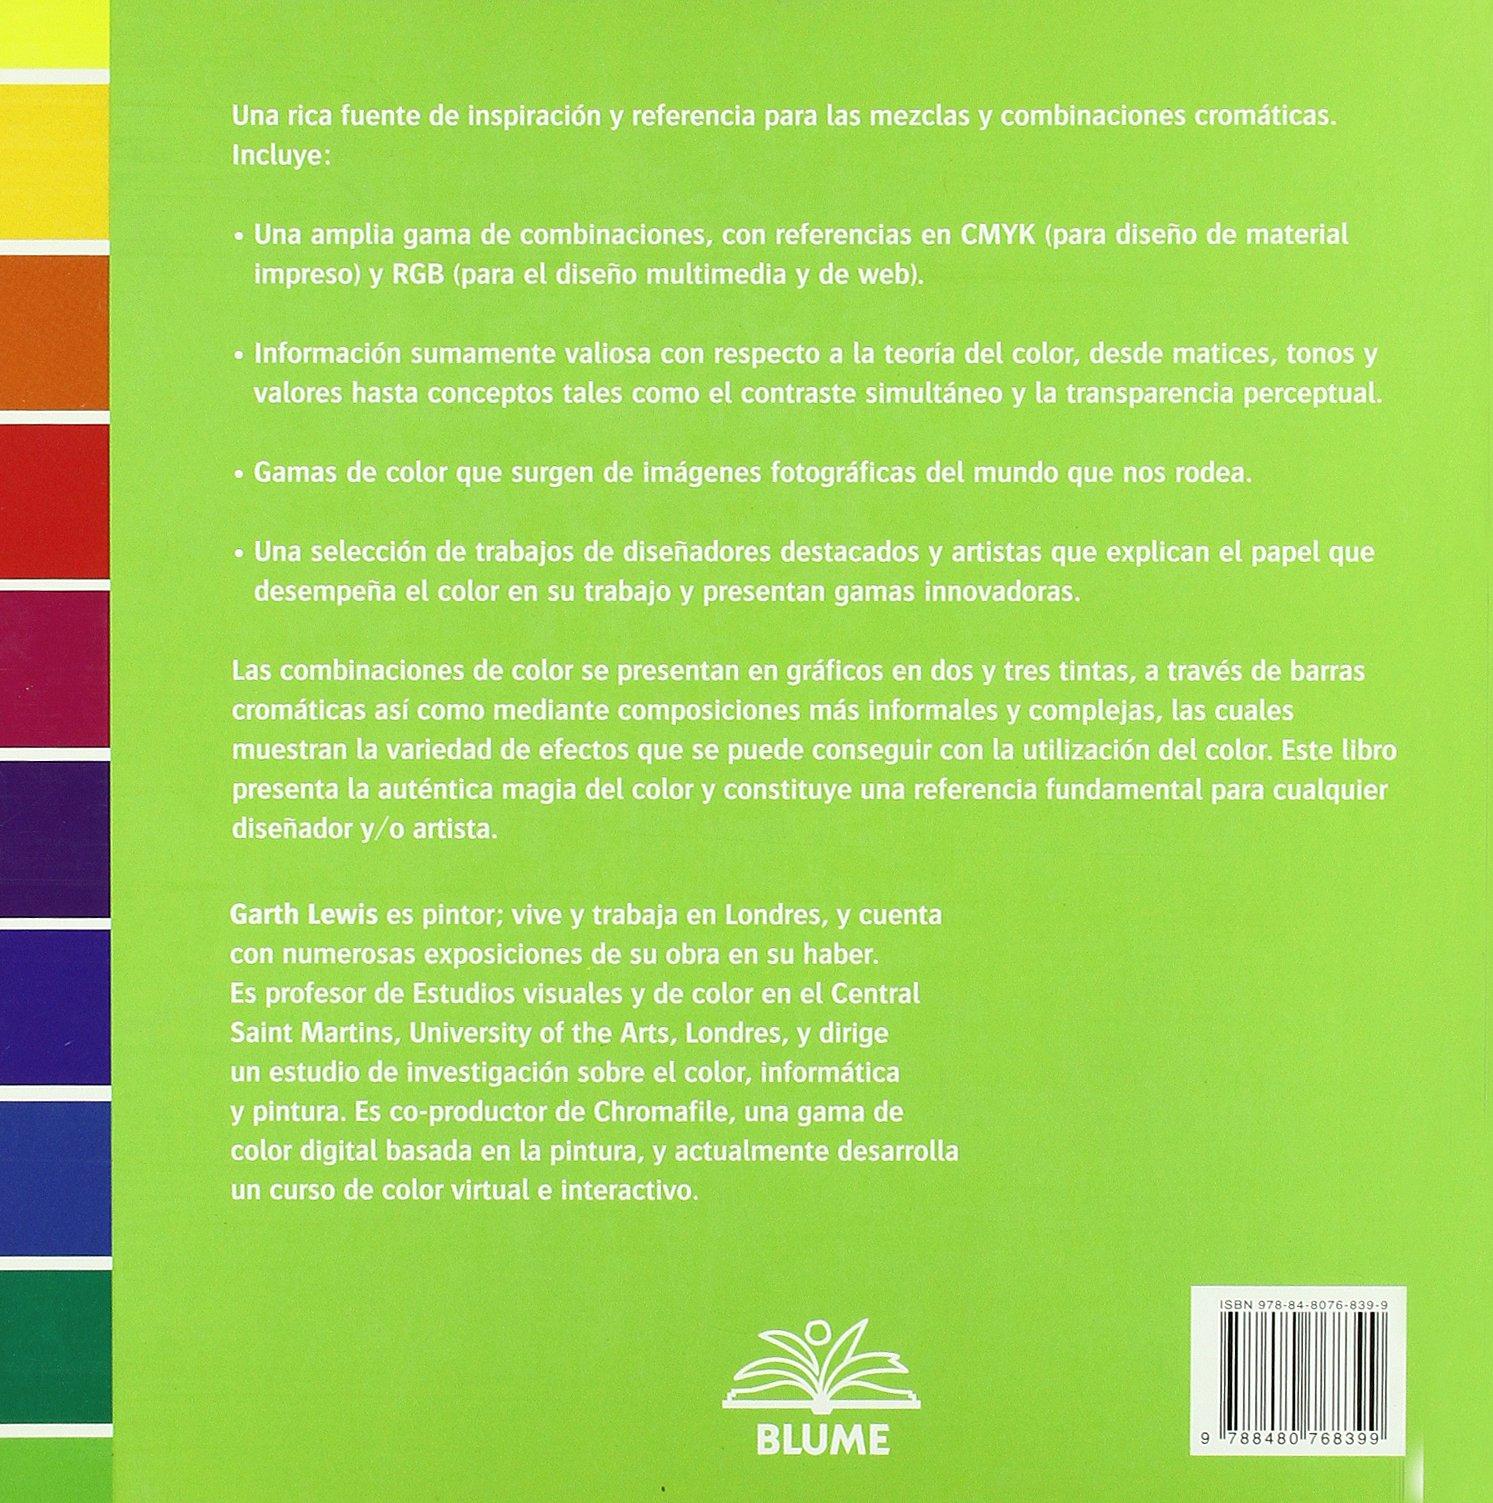 2000 Combinaciones de color: Amazon.es: Garth Lewis: Libros